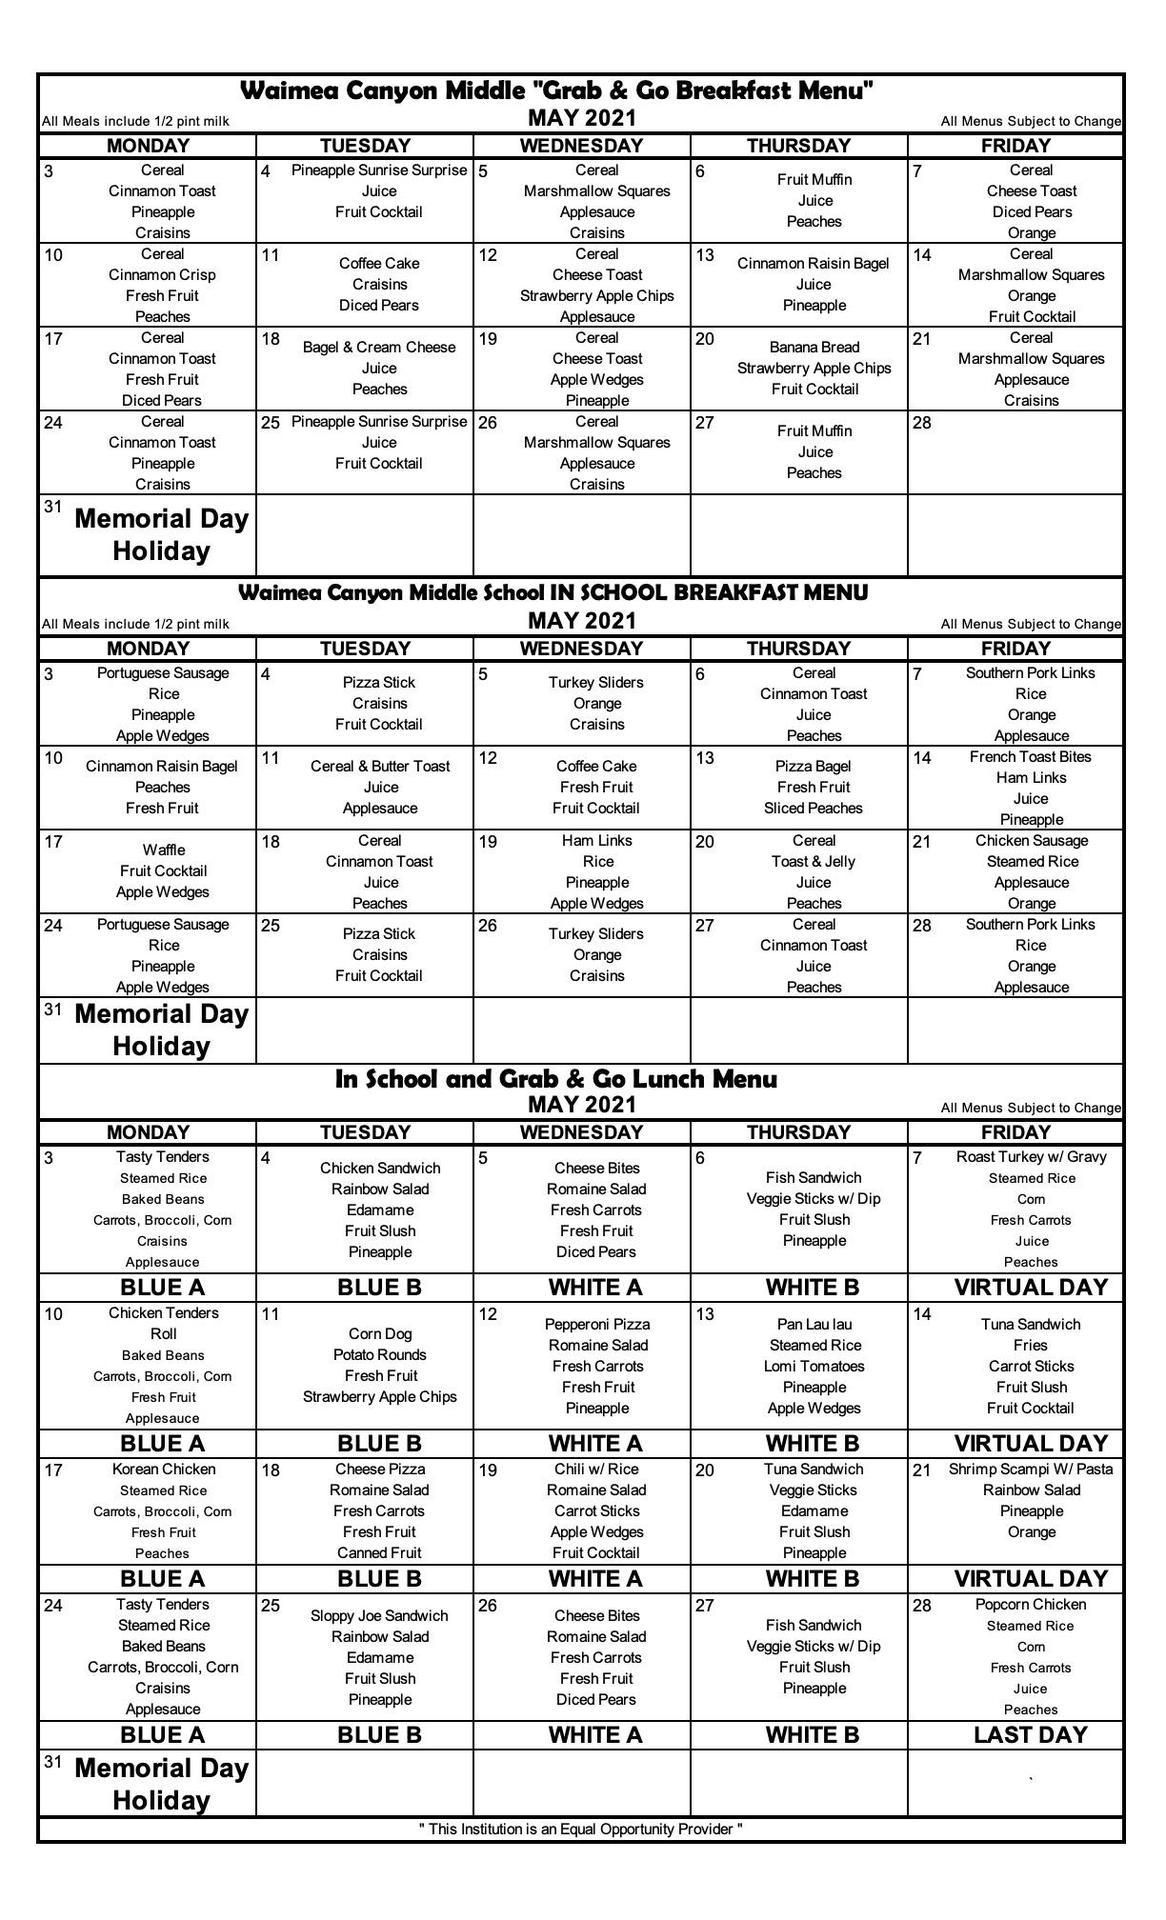 May menus